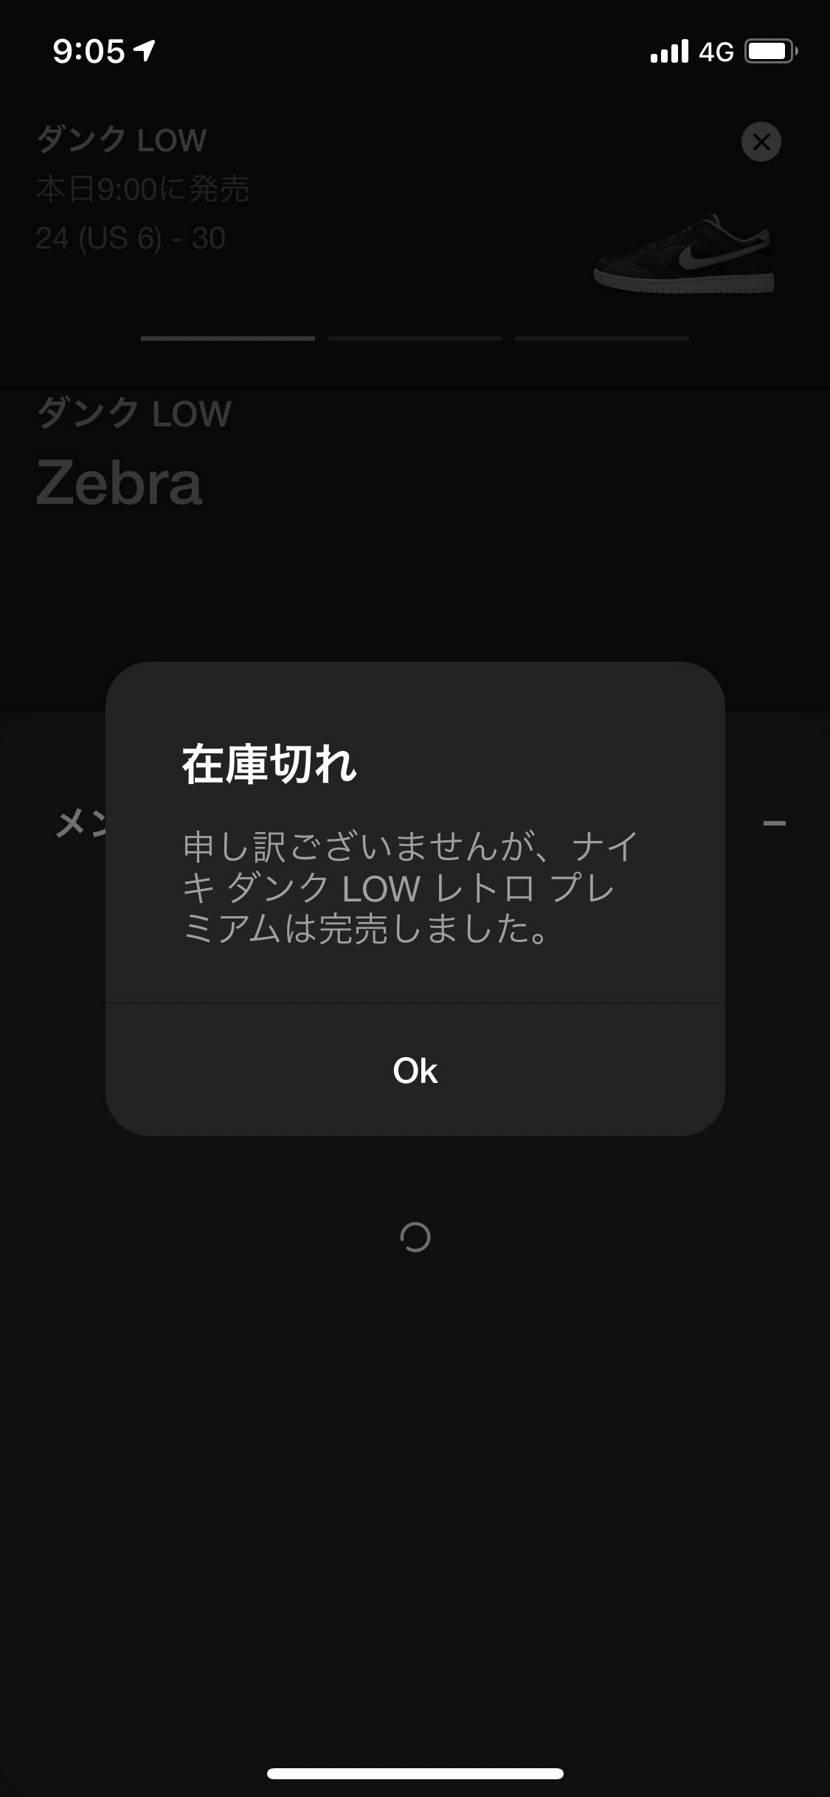 ゼブラ完売(泣)